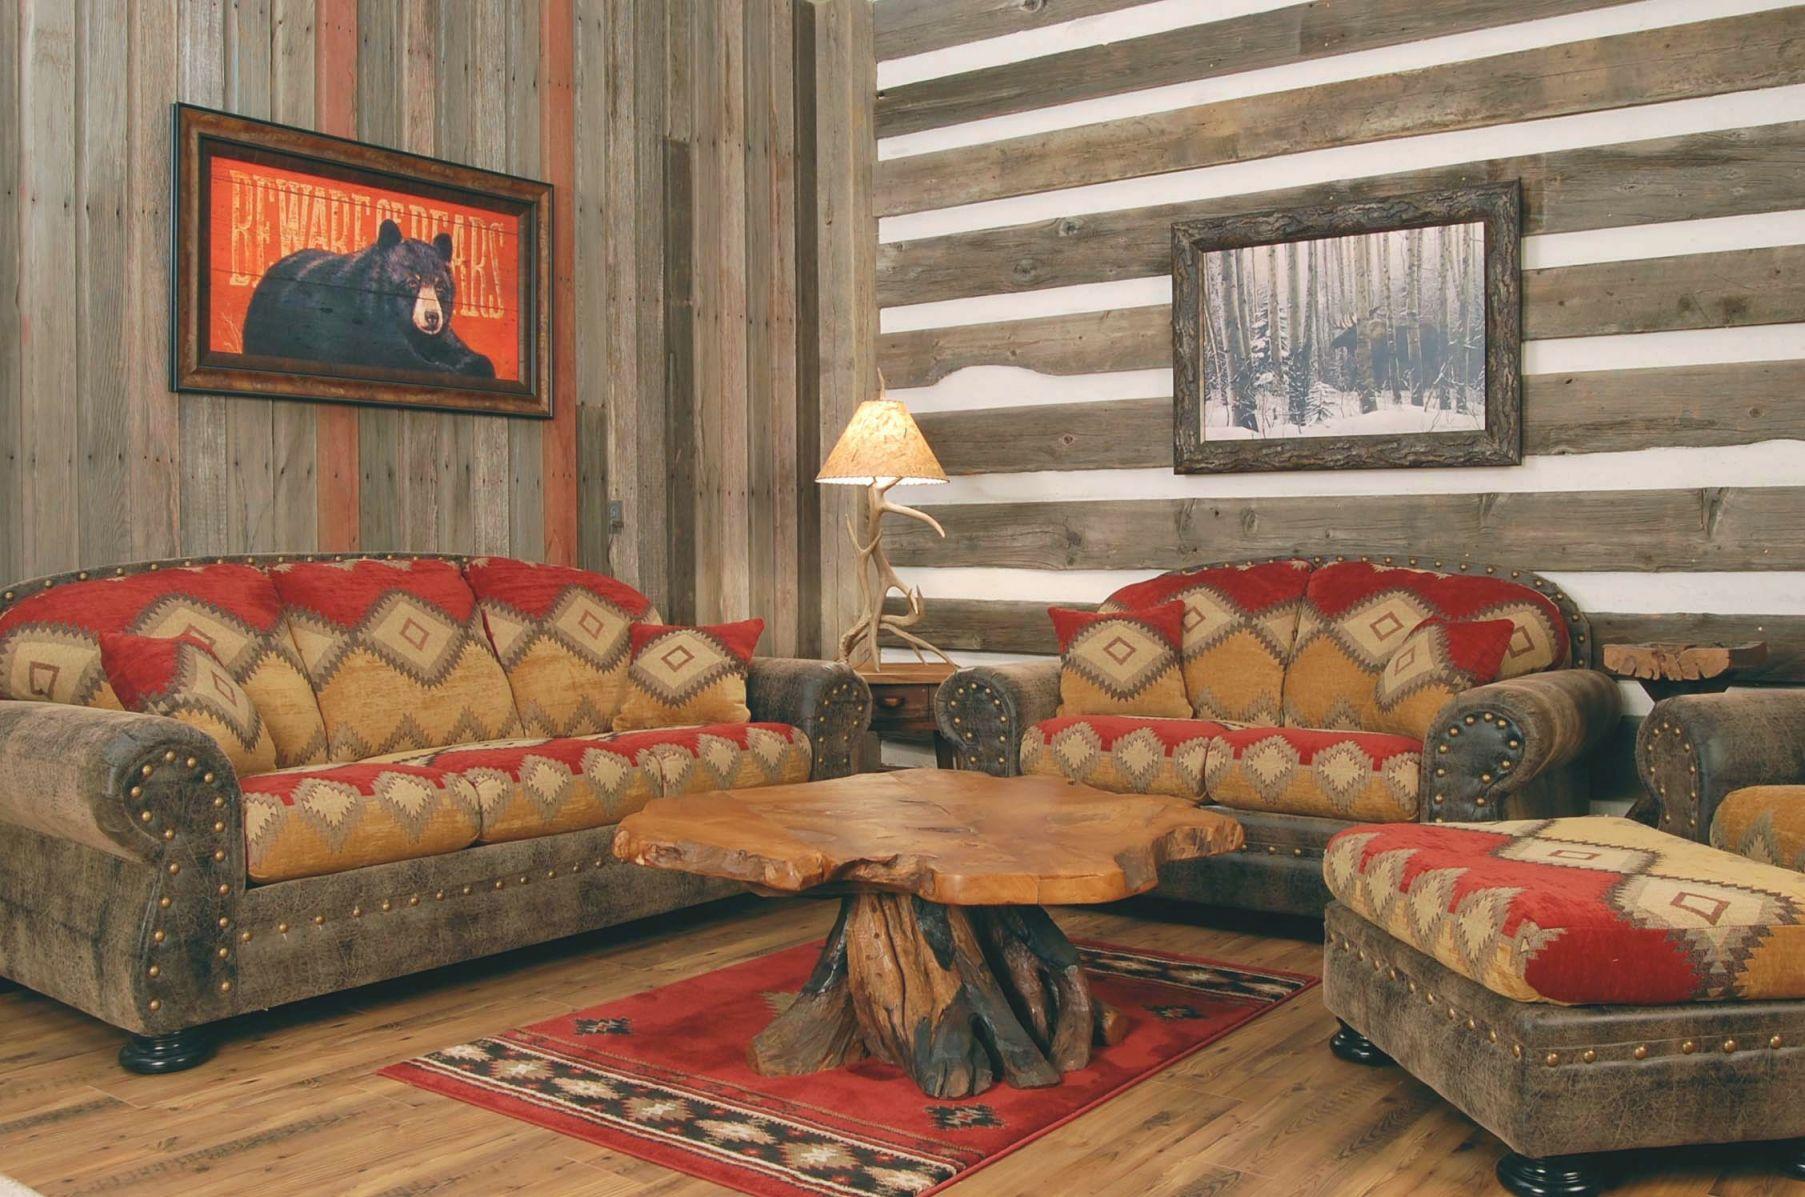 Santa Fe Rustic Living Room Sofa Set Santa Fe Rustic Living within Rustic Living Room Furniture